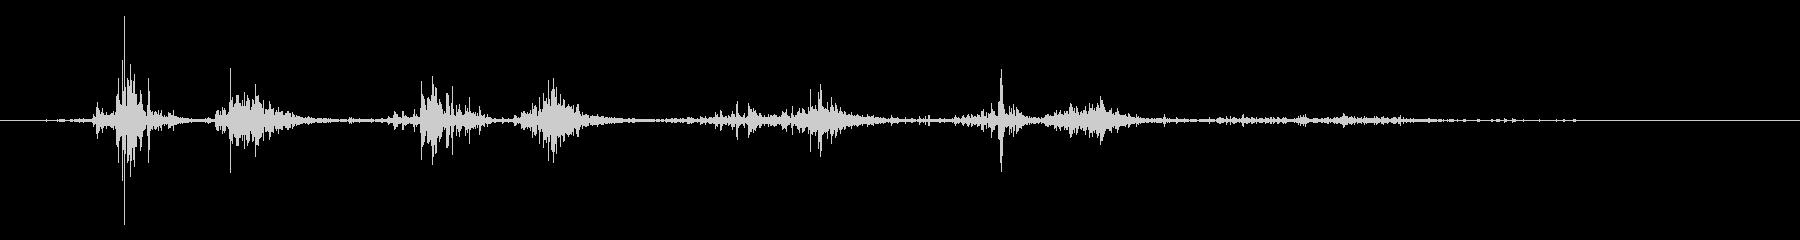 タブレッド菓子出す音・振る音9の未再生の波形